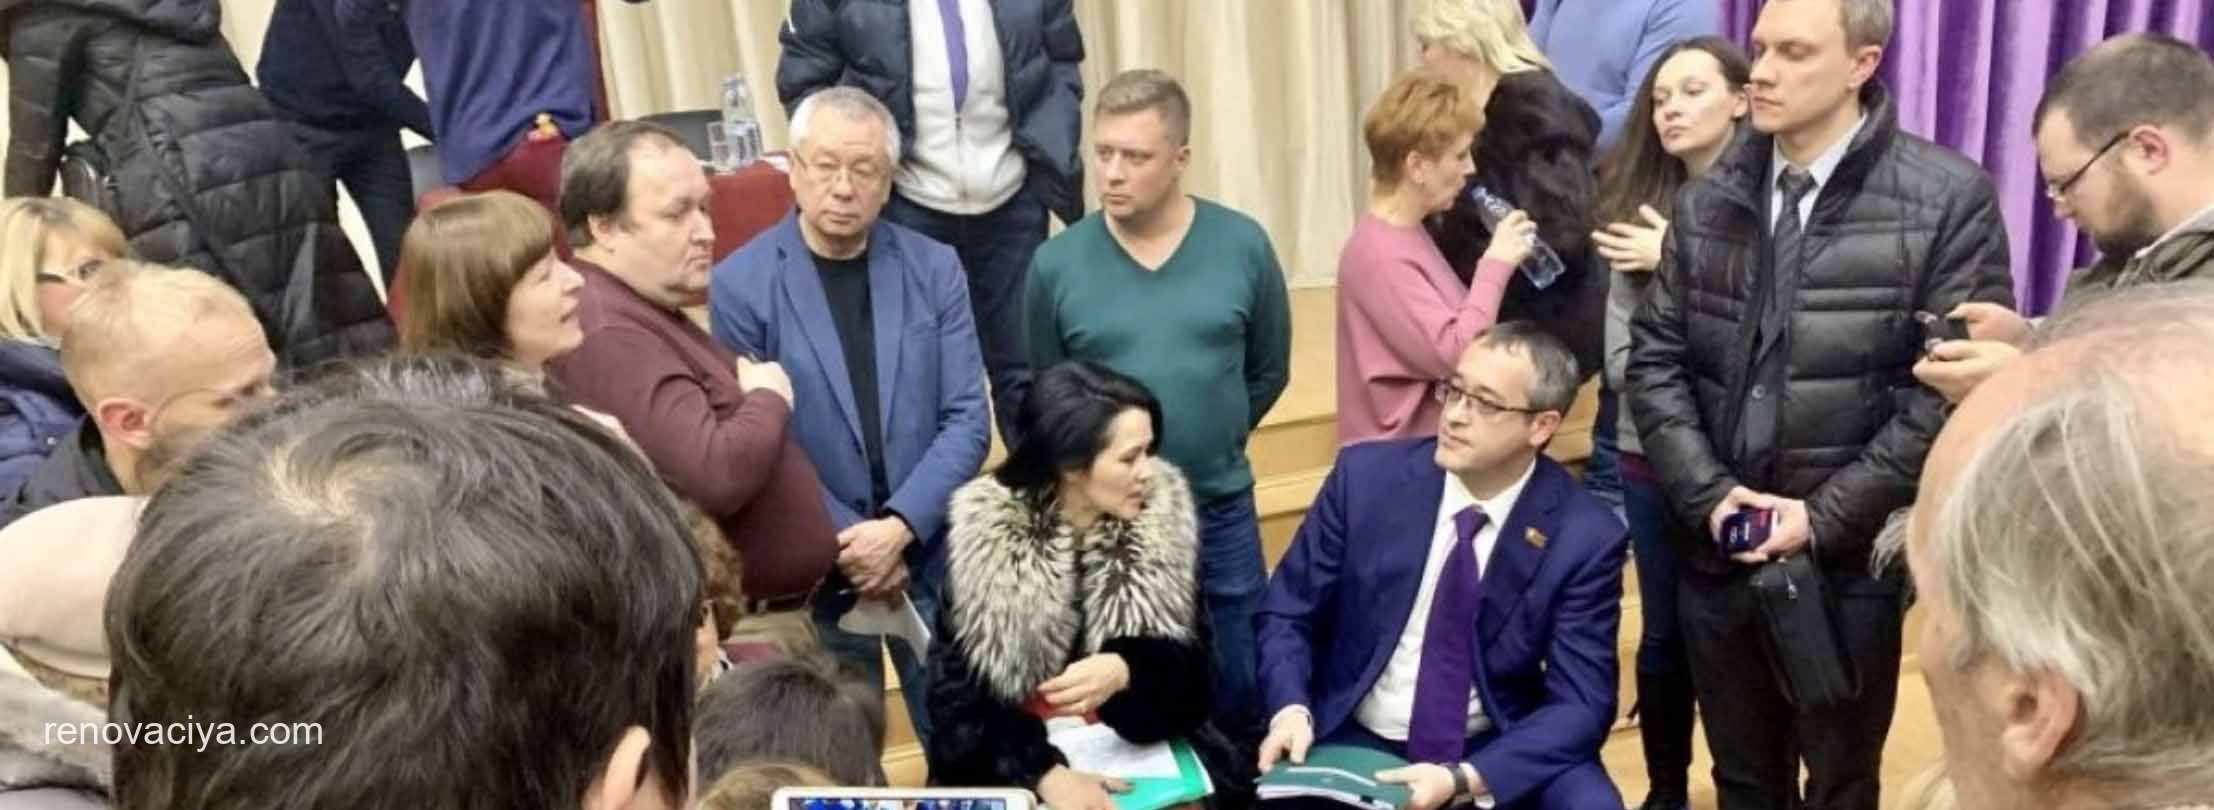 В Свиблово создадут общественный совет из жителей